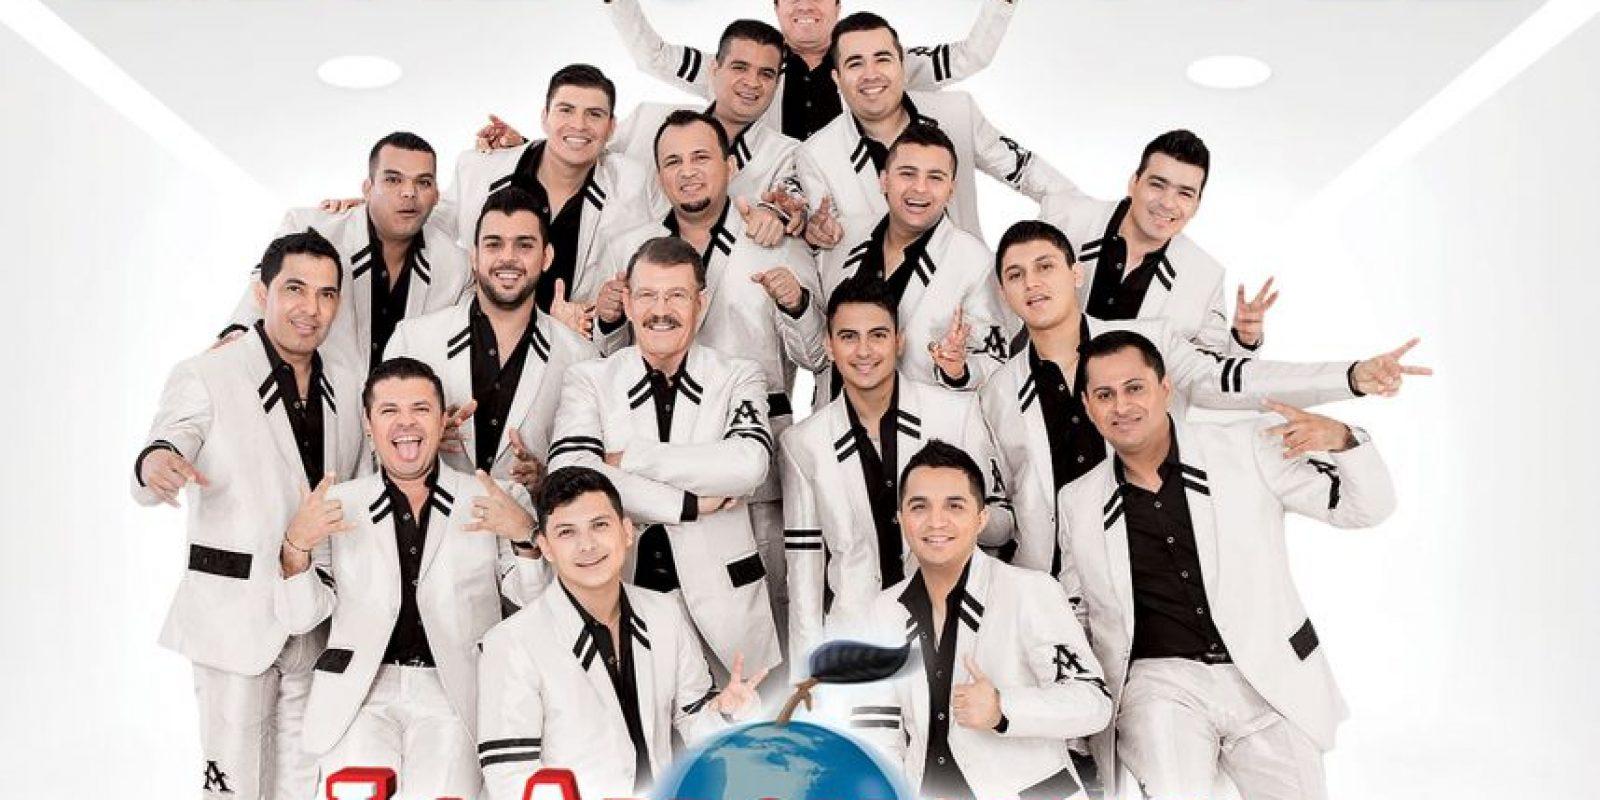 La Arrolladora Banda El Limón viene por más primeros lugares Foto:Universal Music